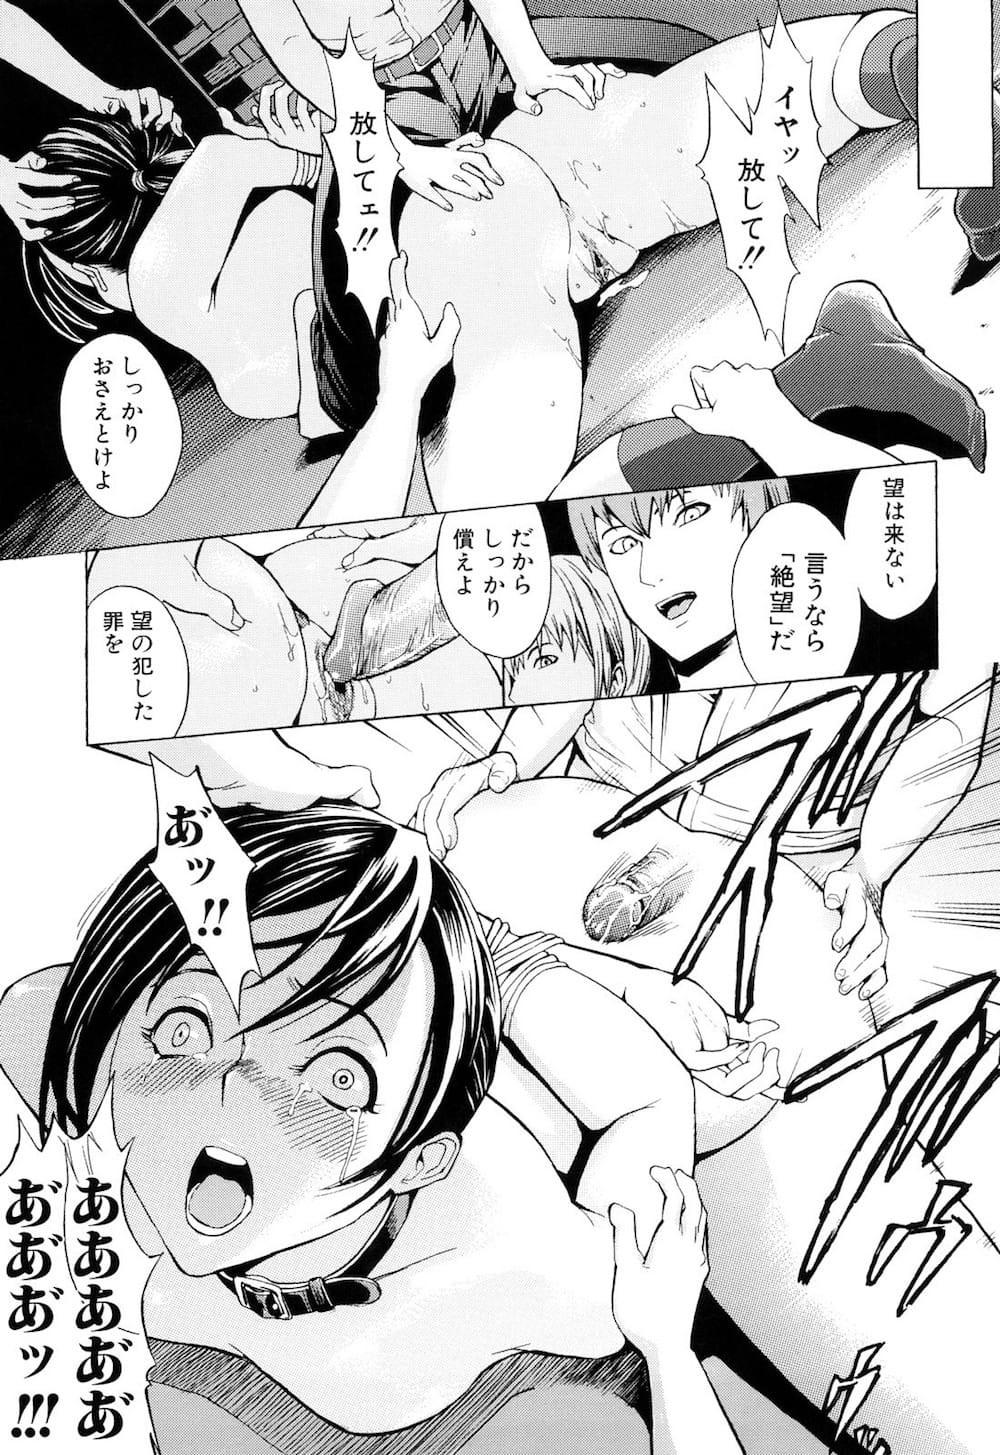 【エロ漫画・同人誌】友達を庇って自分が代わりに男子たちに拘束された女子卓球部の生徒が輪姦されてピンポン玉を膣内に詰め込まれて壊れるwww 008